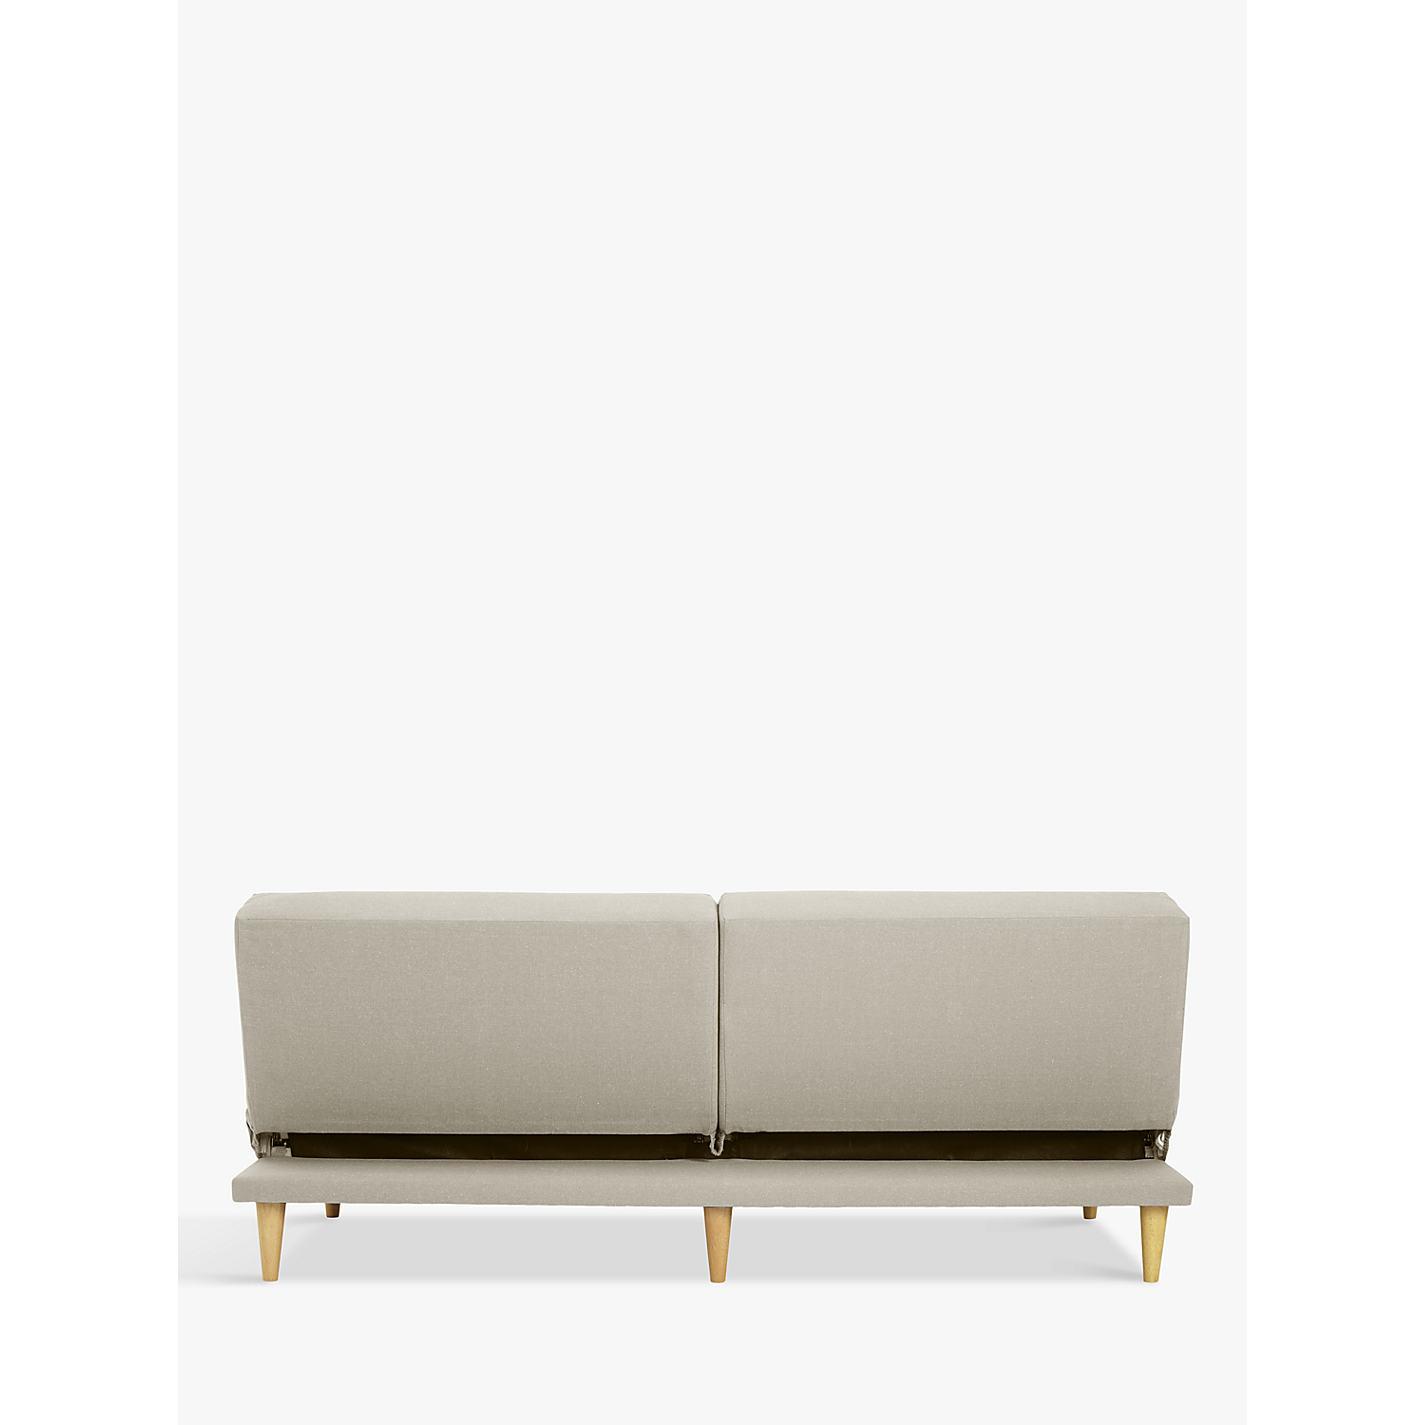 Sofa Beds Uk John Lewis